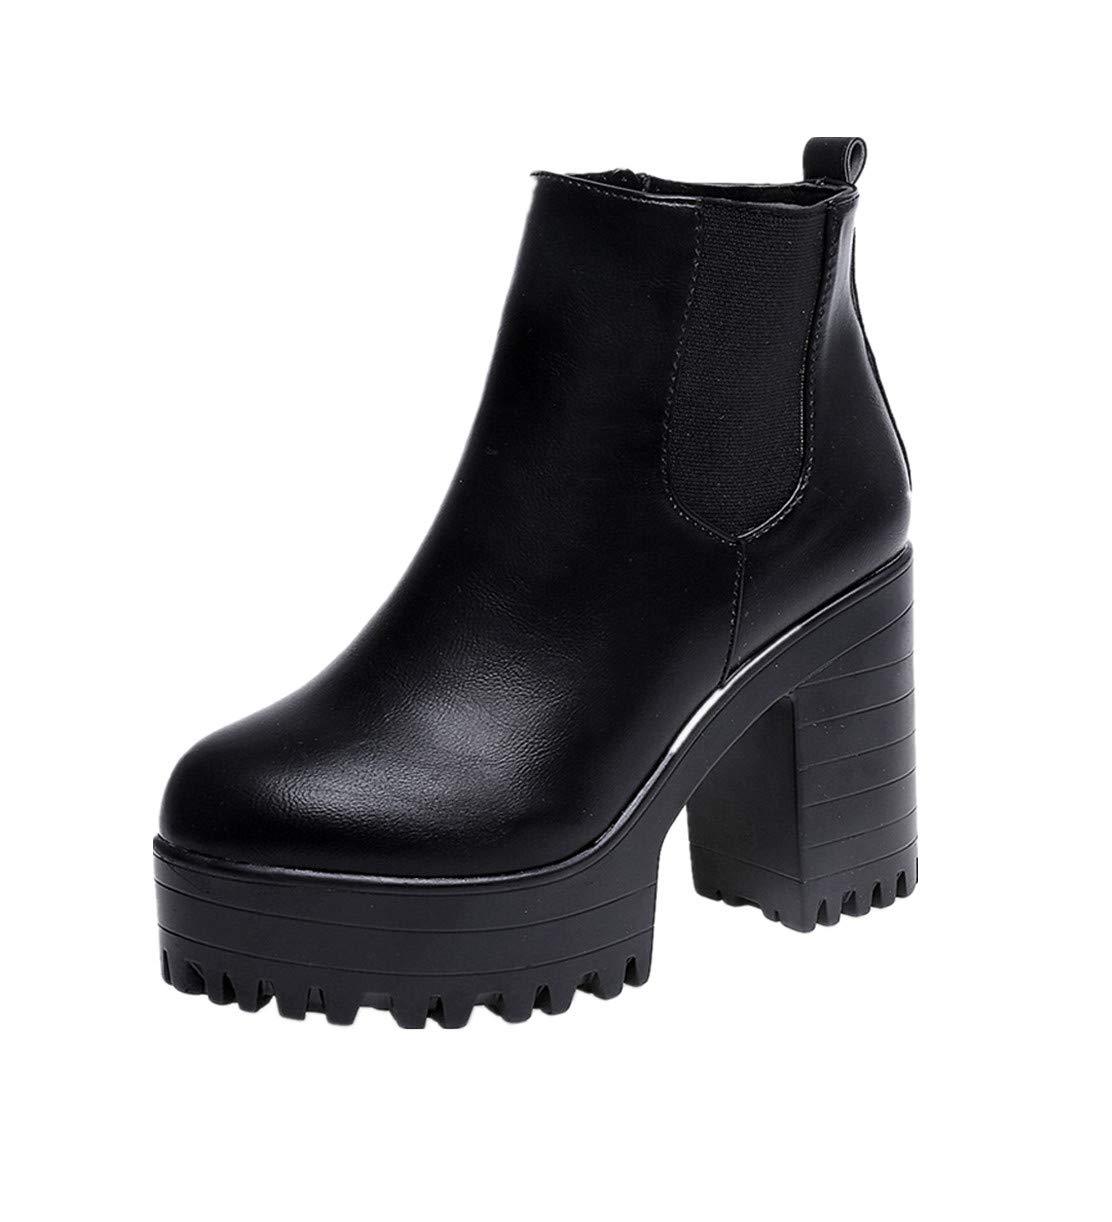 Sunnywill-Chaussures fFemme hiver mperméables B00MY4MVGQ fFemme et Bottes Femme en Velours, Bottes Martin à Tête Ronde, Bottes d hiver des Femmes Noir 34e3e8c - reprogrammed.space